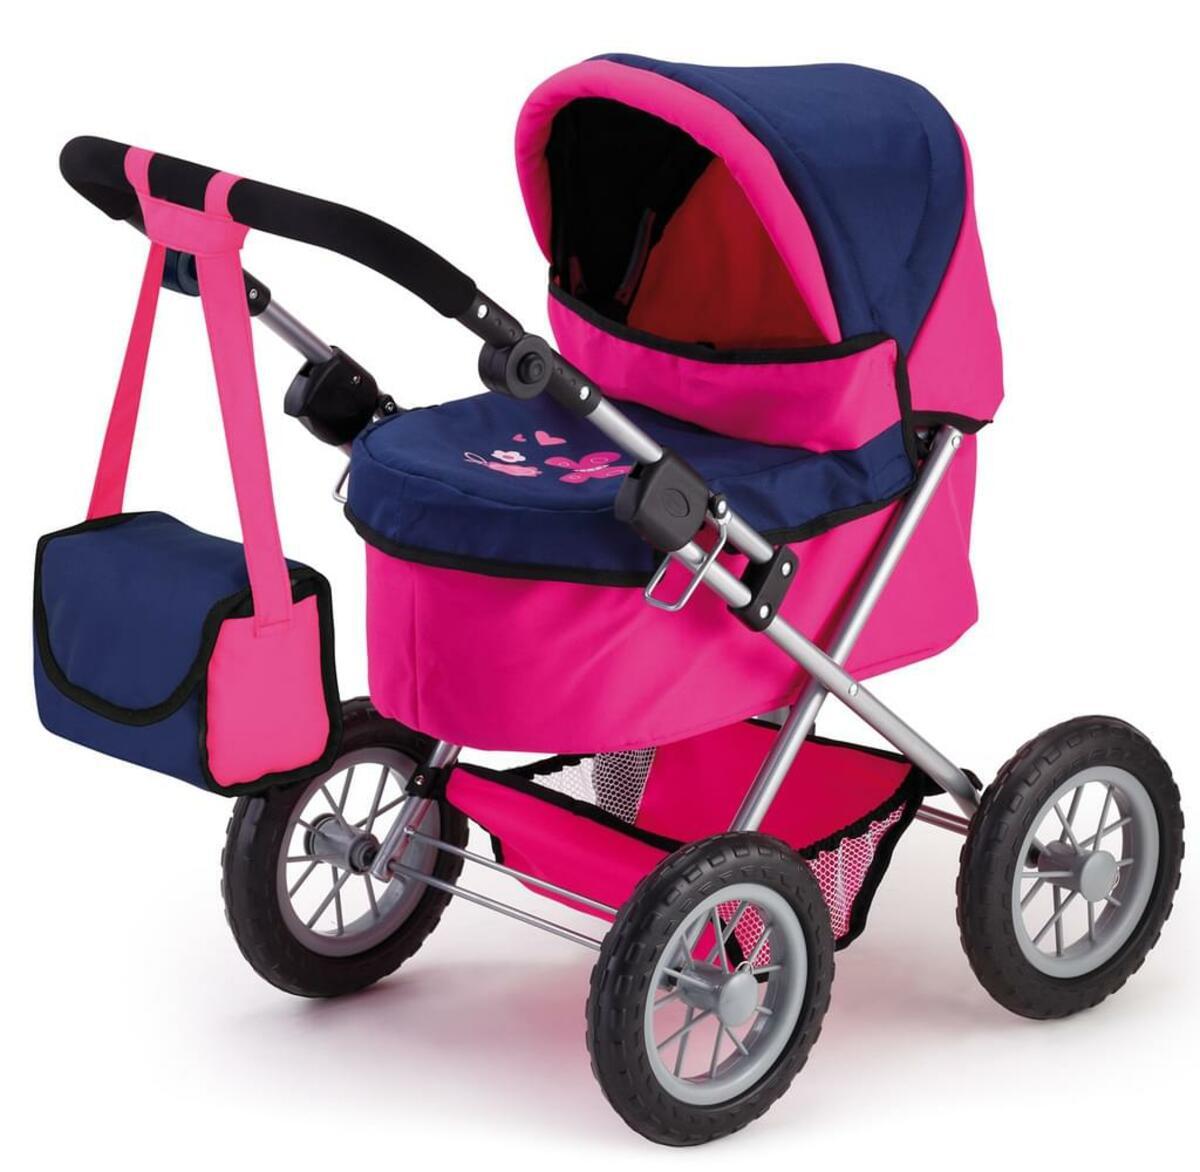 Bild 5 von Puppenwagen Trendy pink/blau